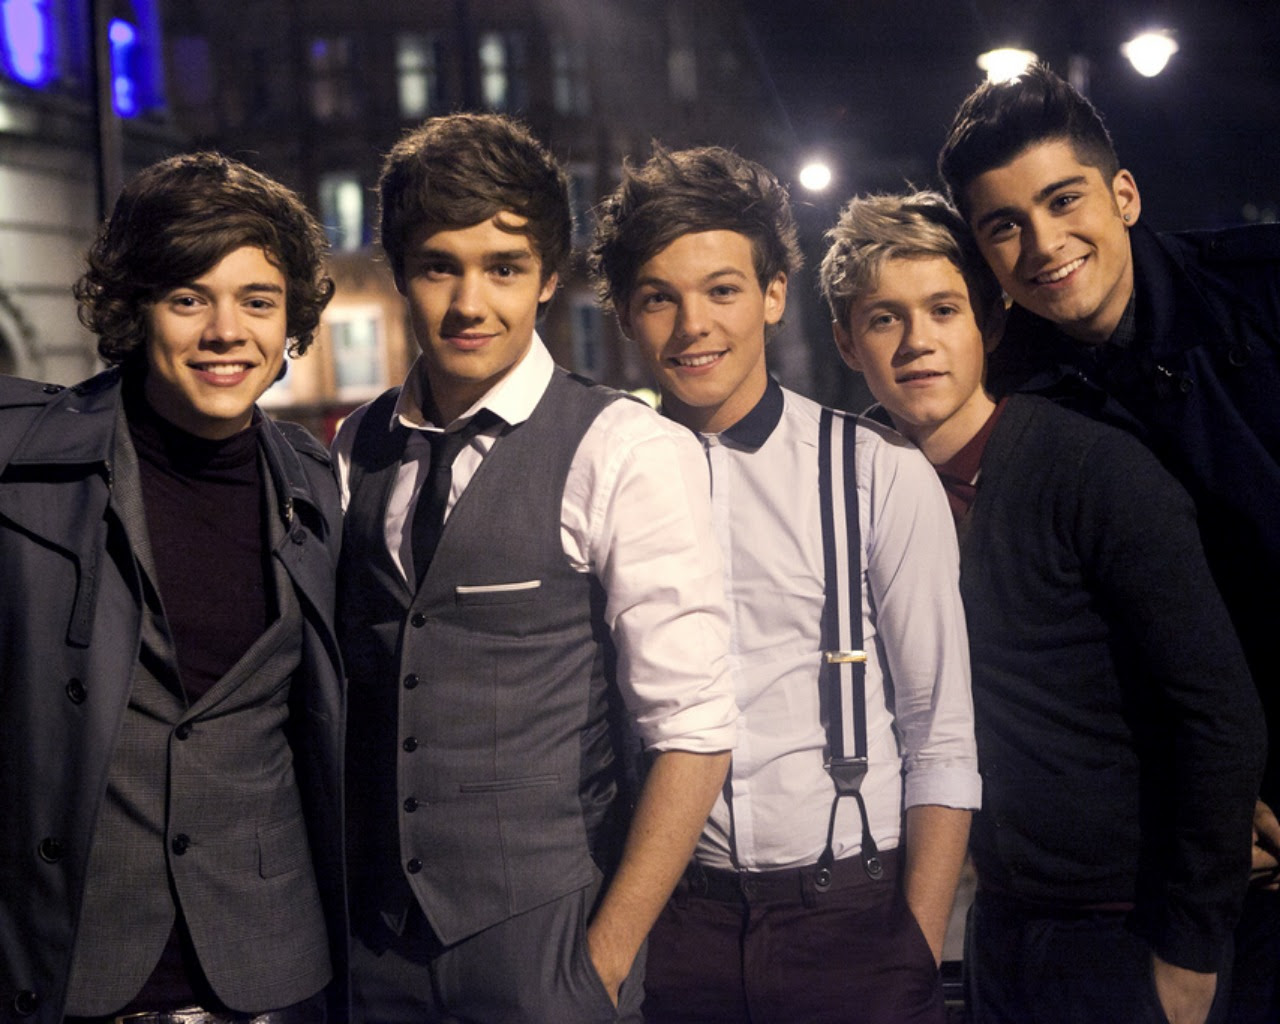 One Direction 19 Desktop Wallpaper Hot Celebrities Wallpapers